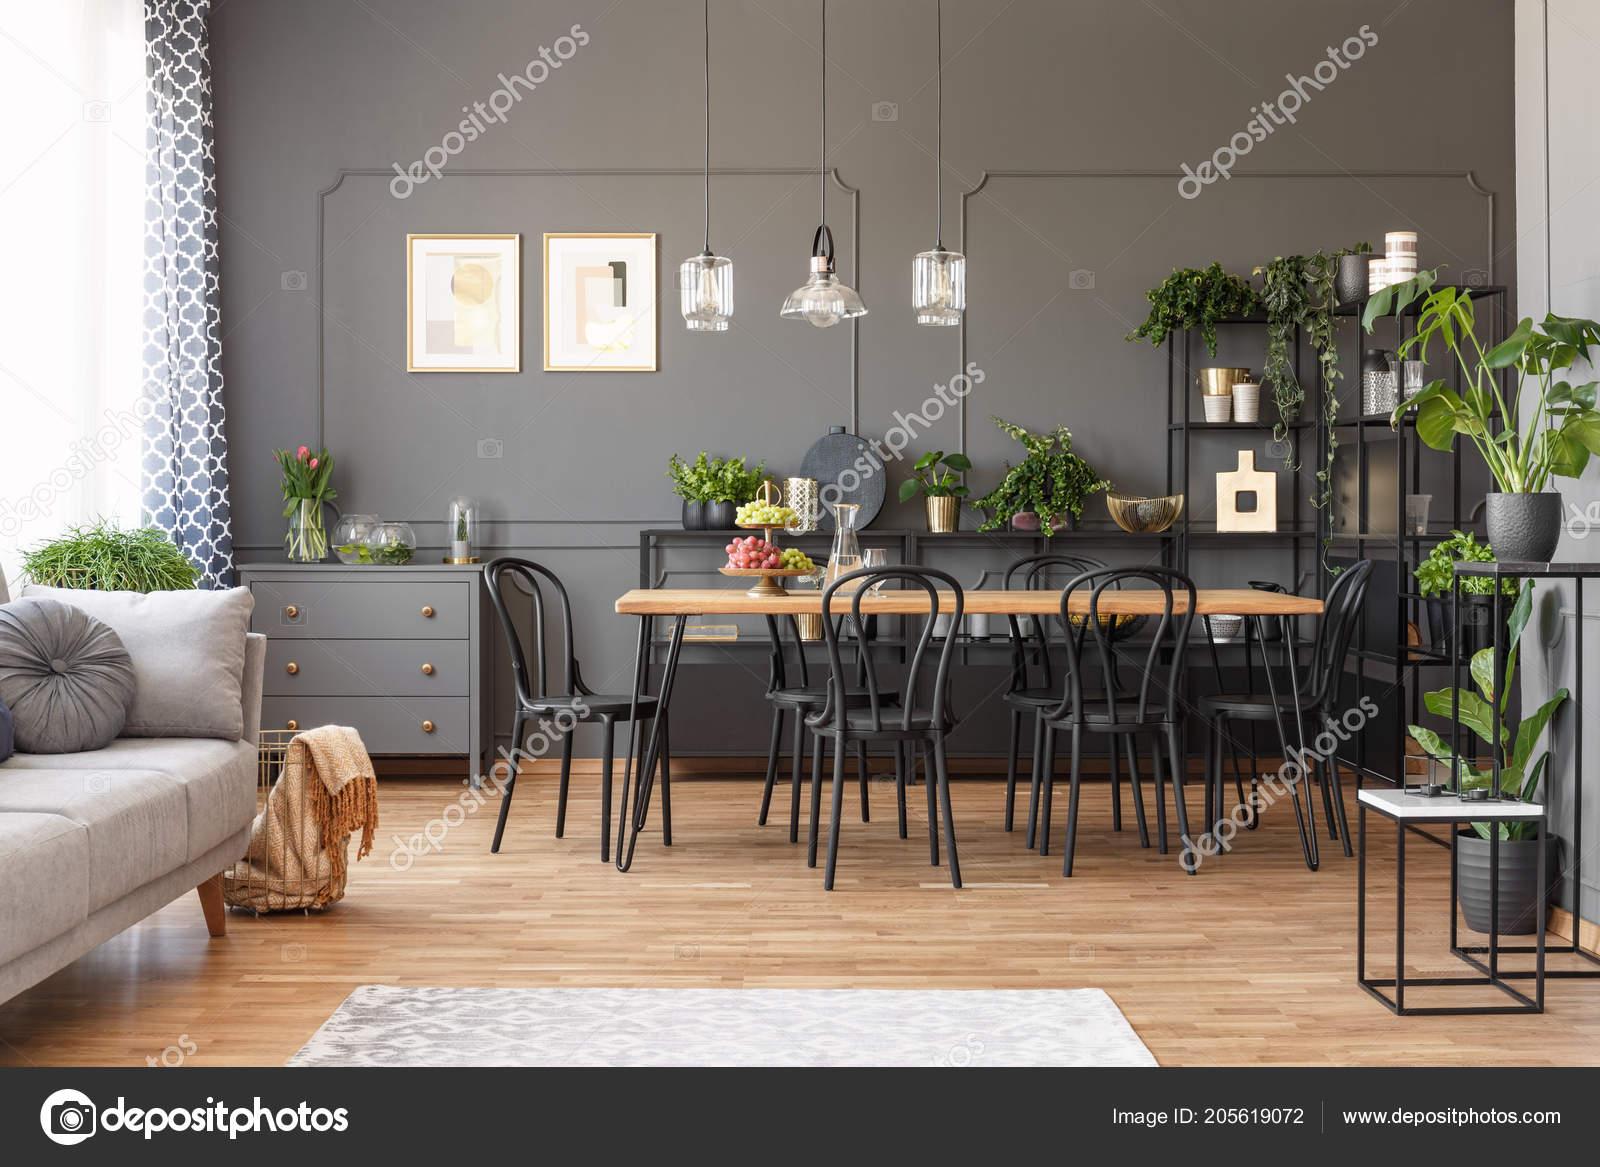 Sedie Per Tavolo Legno Scuro.Appartamento Interno Spazio All Aperto Con Sedie Nere Tavolo